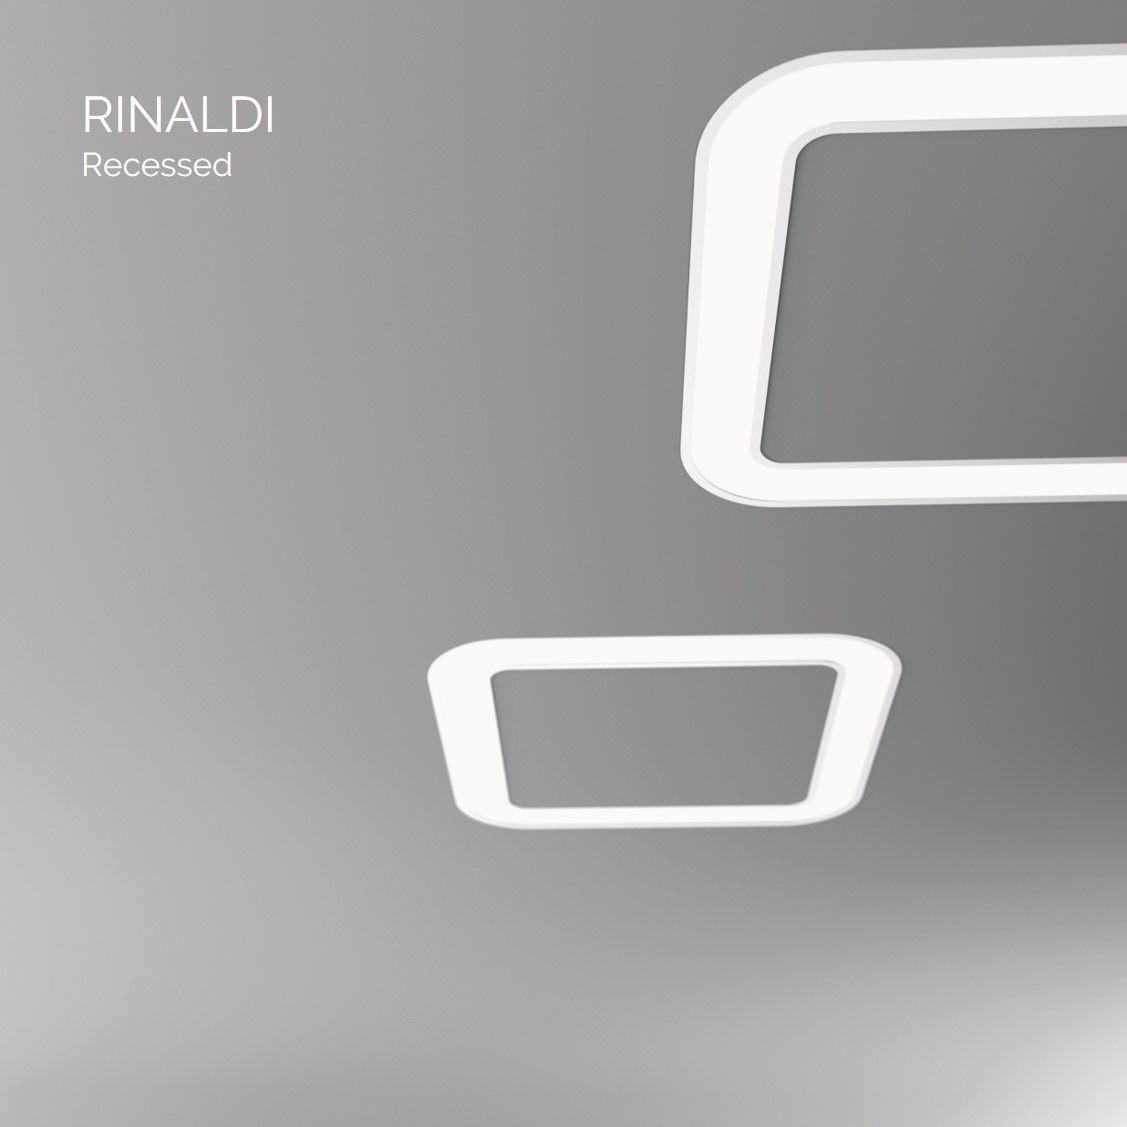 rinaldi inbouw armatuur vierkant 900mm 3000k 5503lm 70w fix